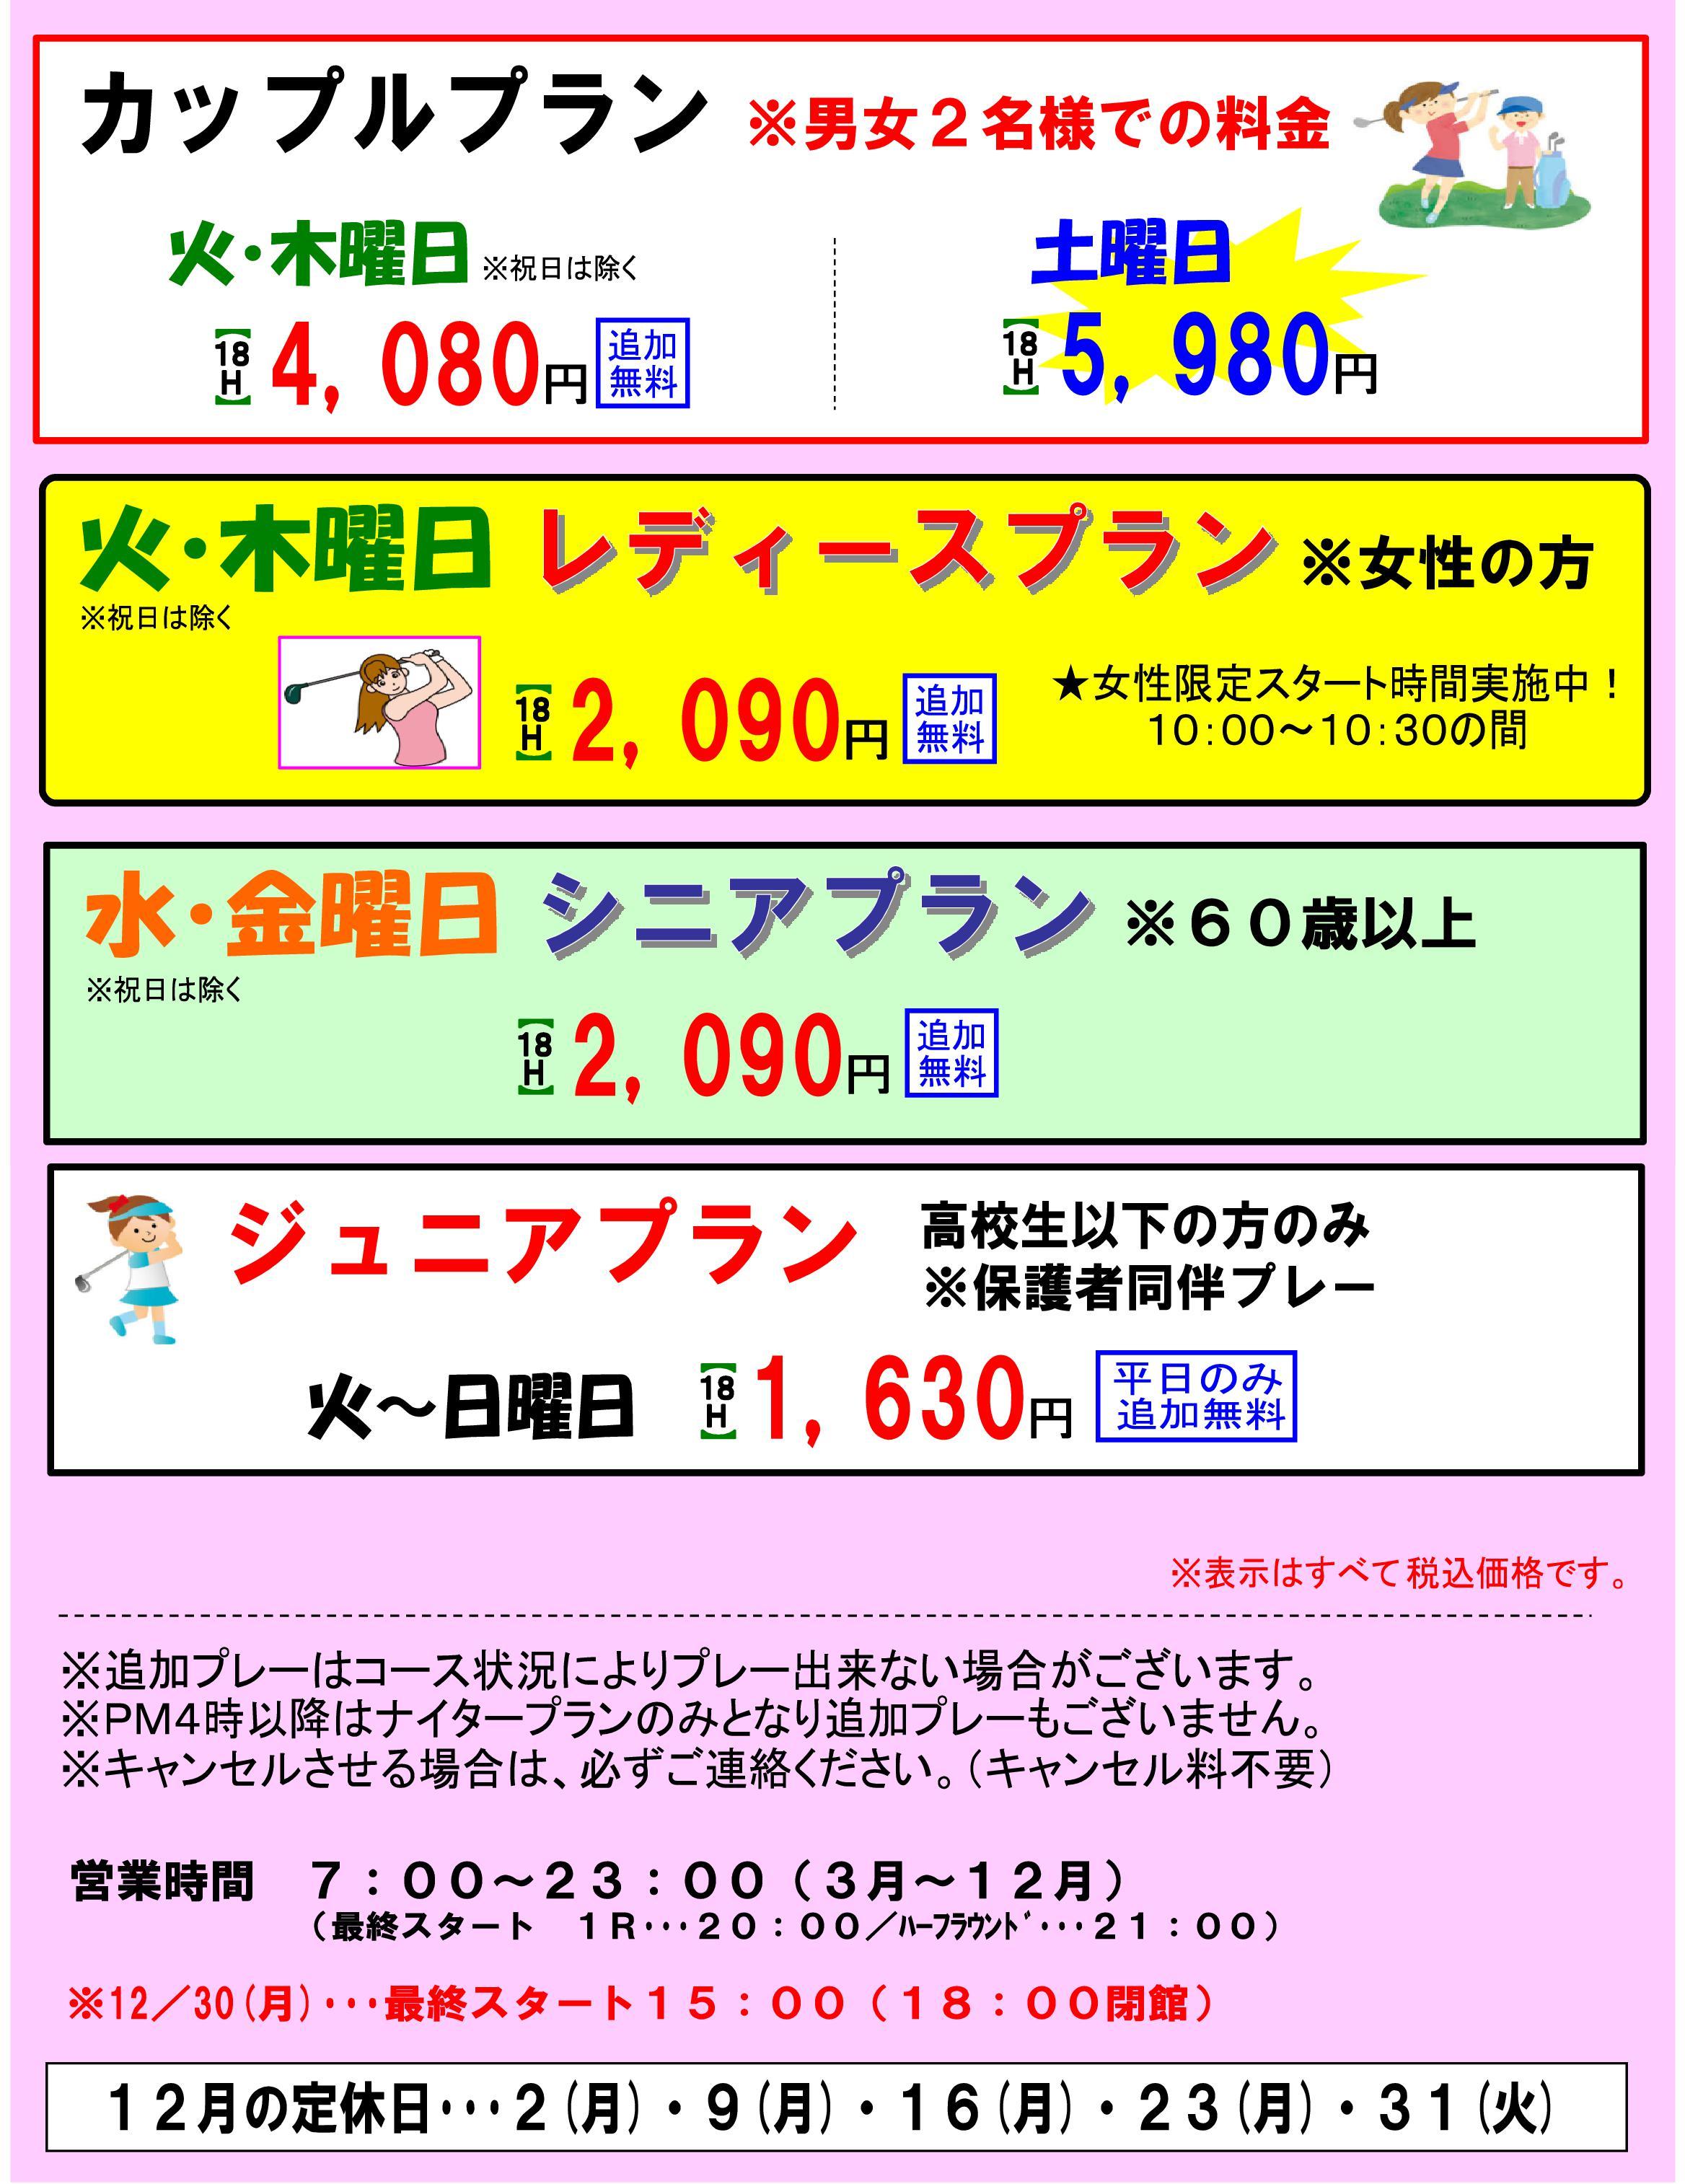 割引料金2019 HPアップ用12-002